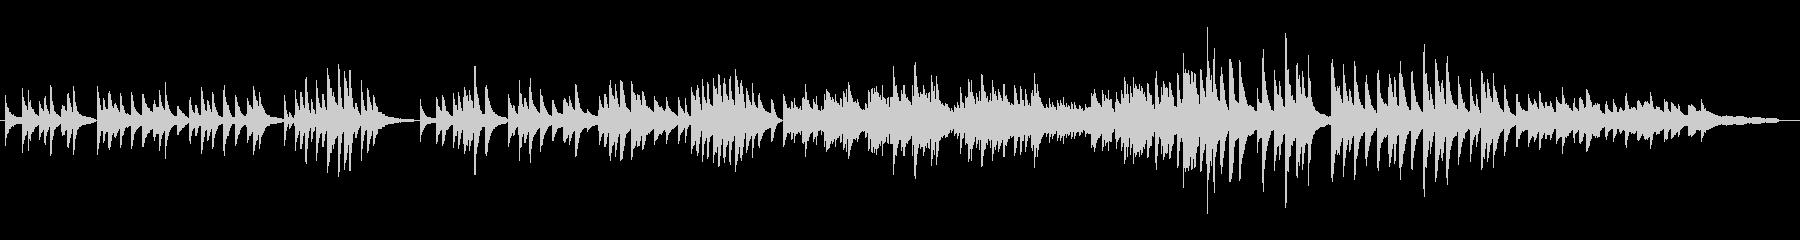 癒し祈りピアノ版レクイエムPieJesuの未再生の波形